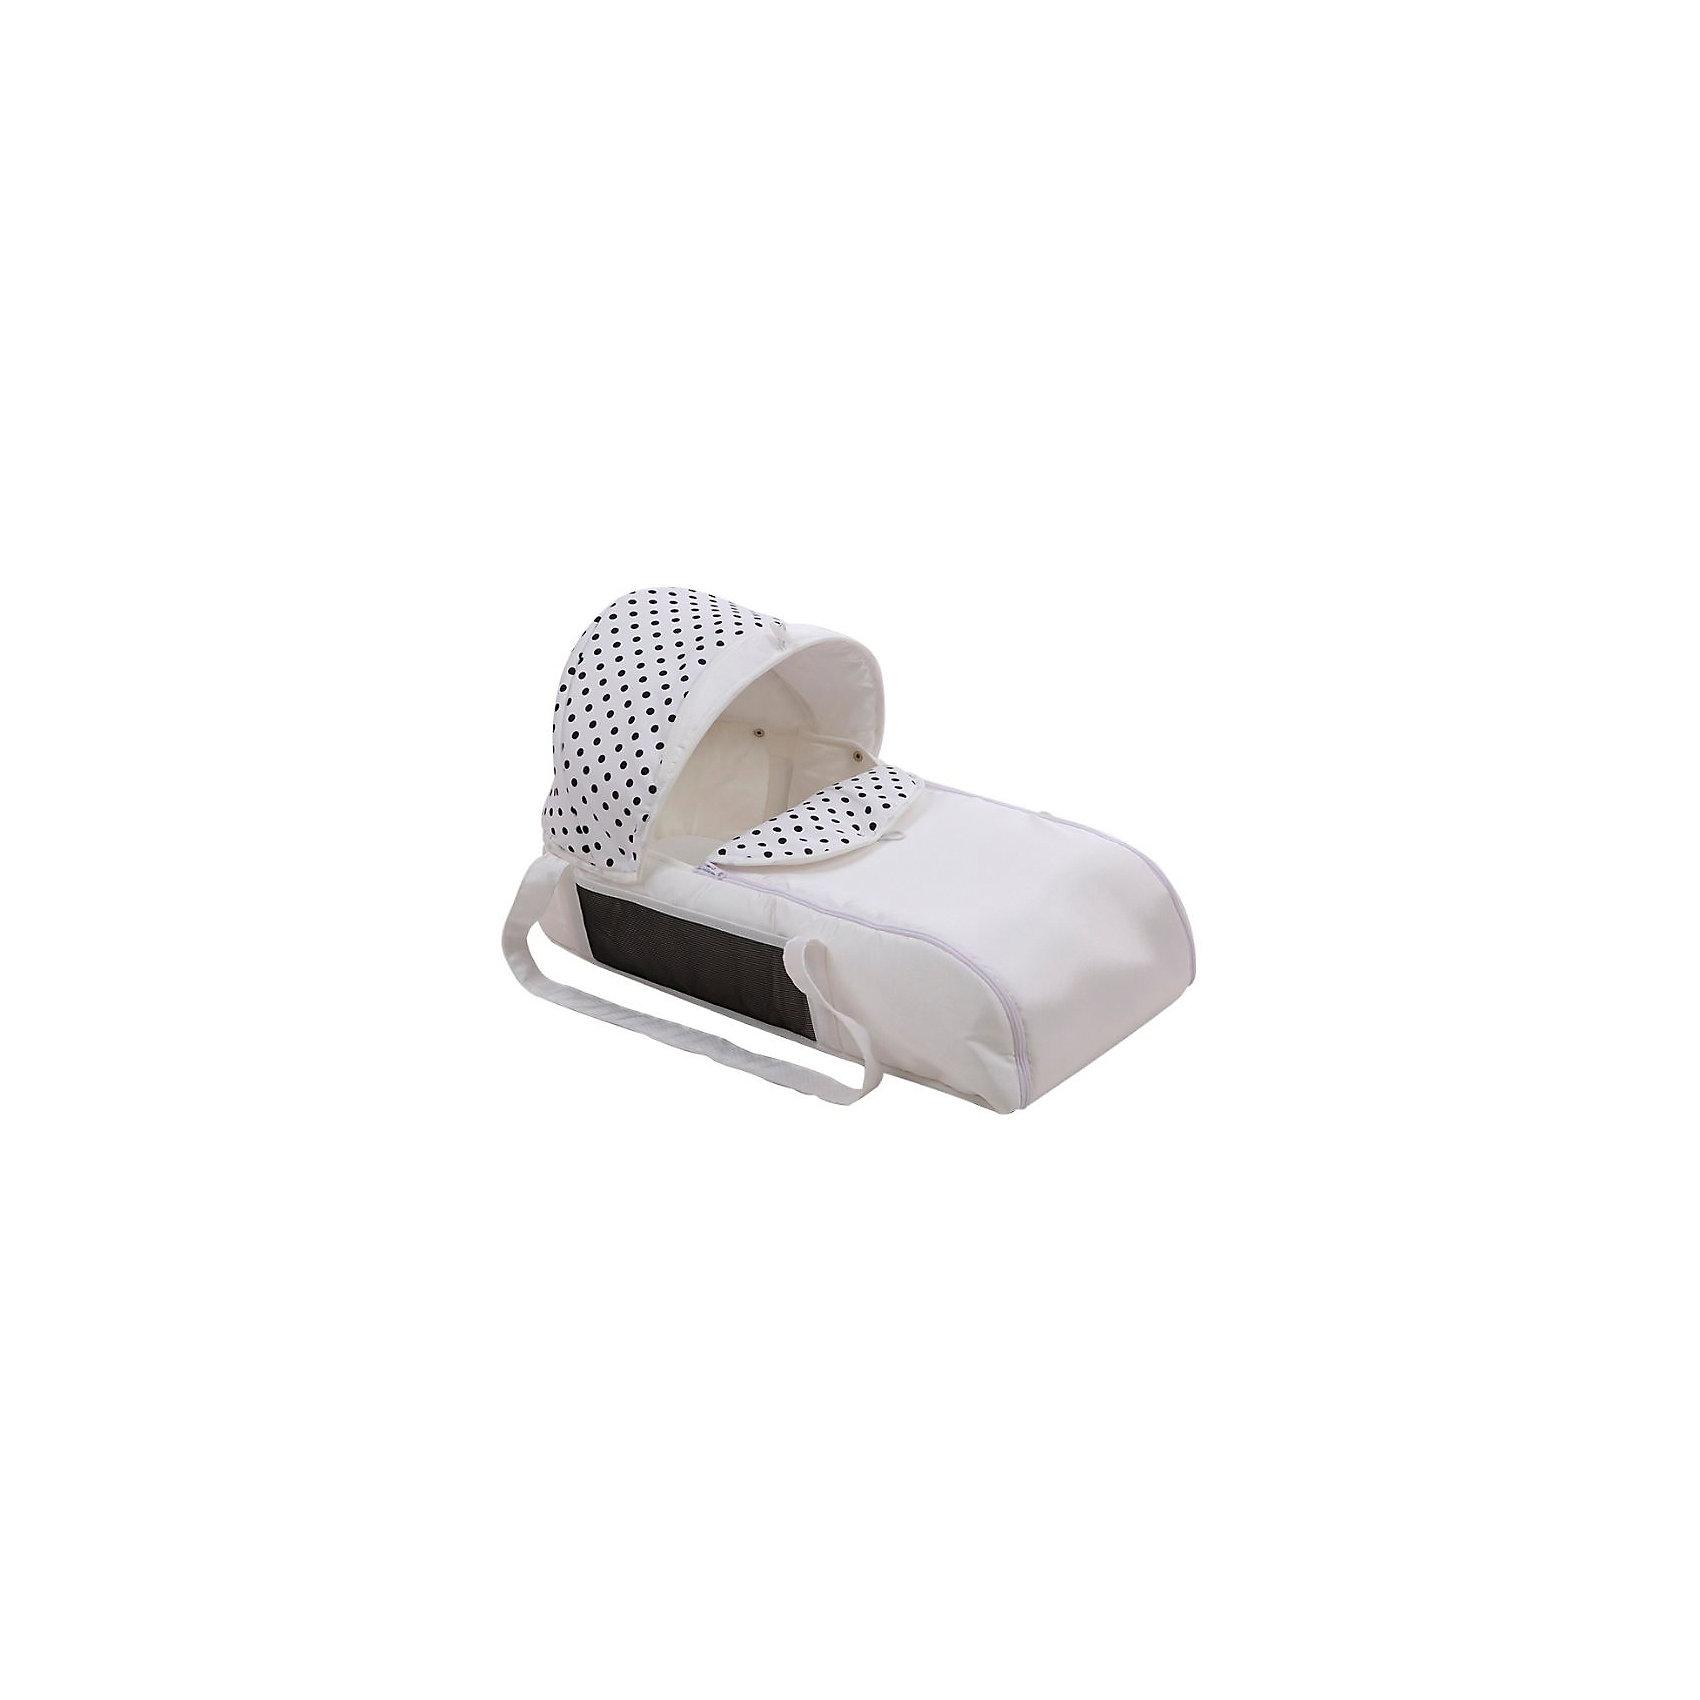 Люлька-переноска для коляски АЛИСА, Лео, белый (ЛЕО)